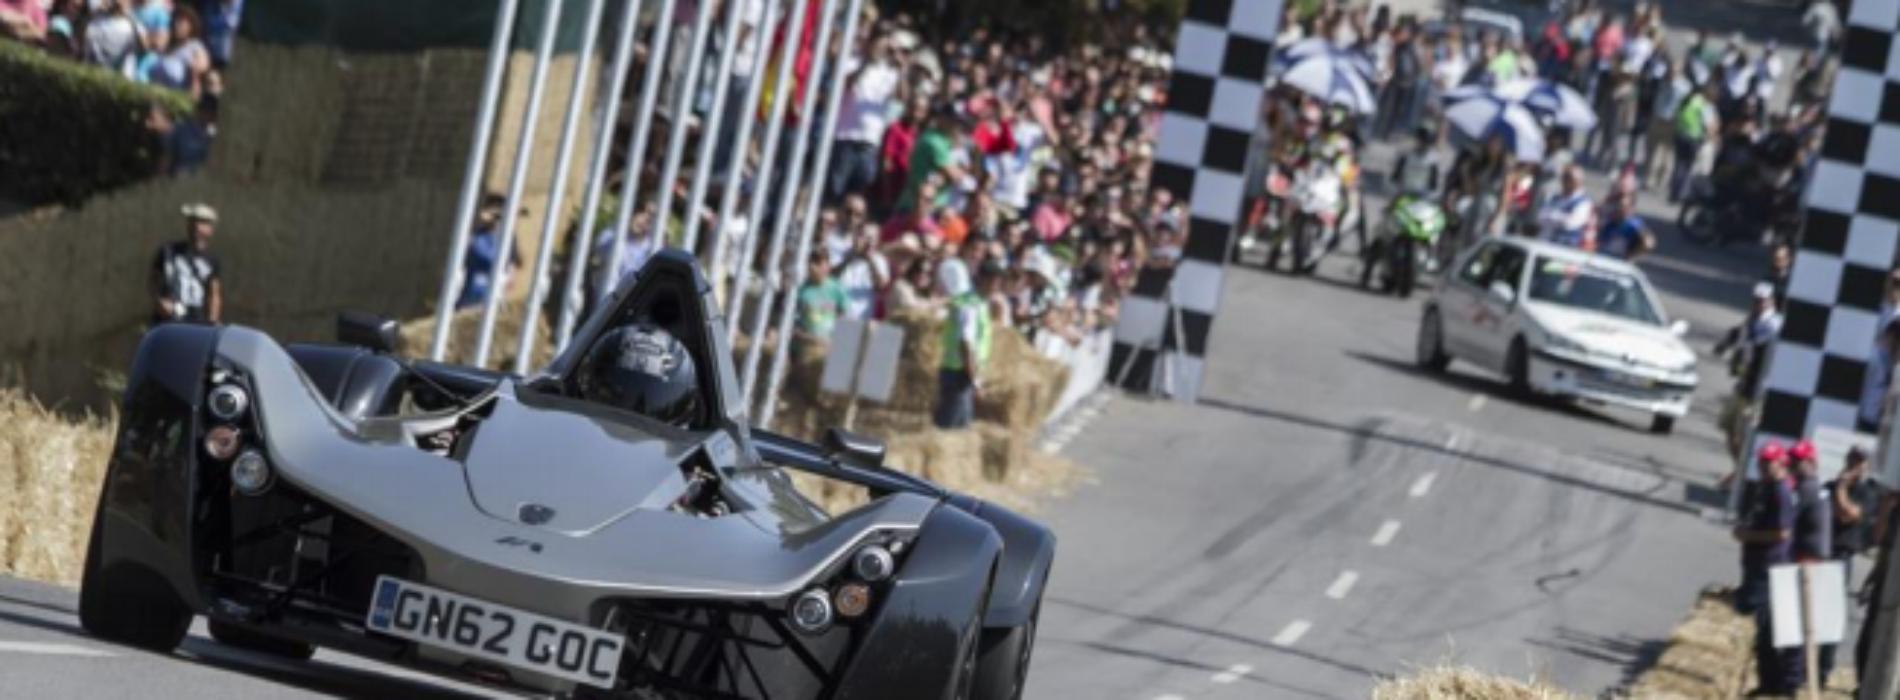 Todos os caminhos vão dar ao Caramulo Motorfestival este fim de semana